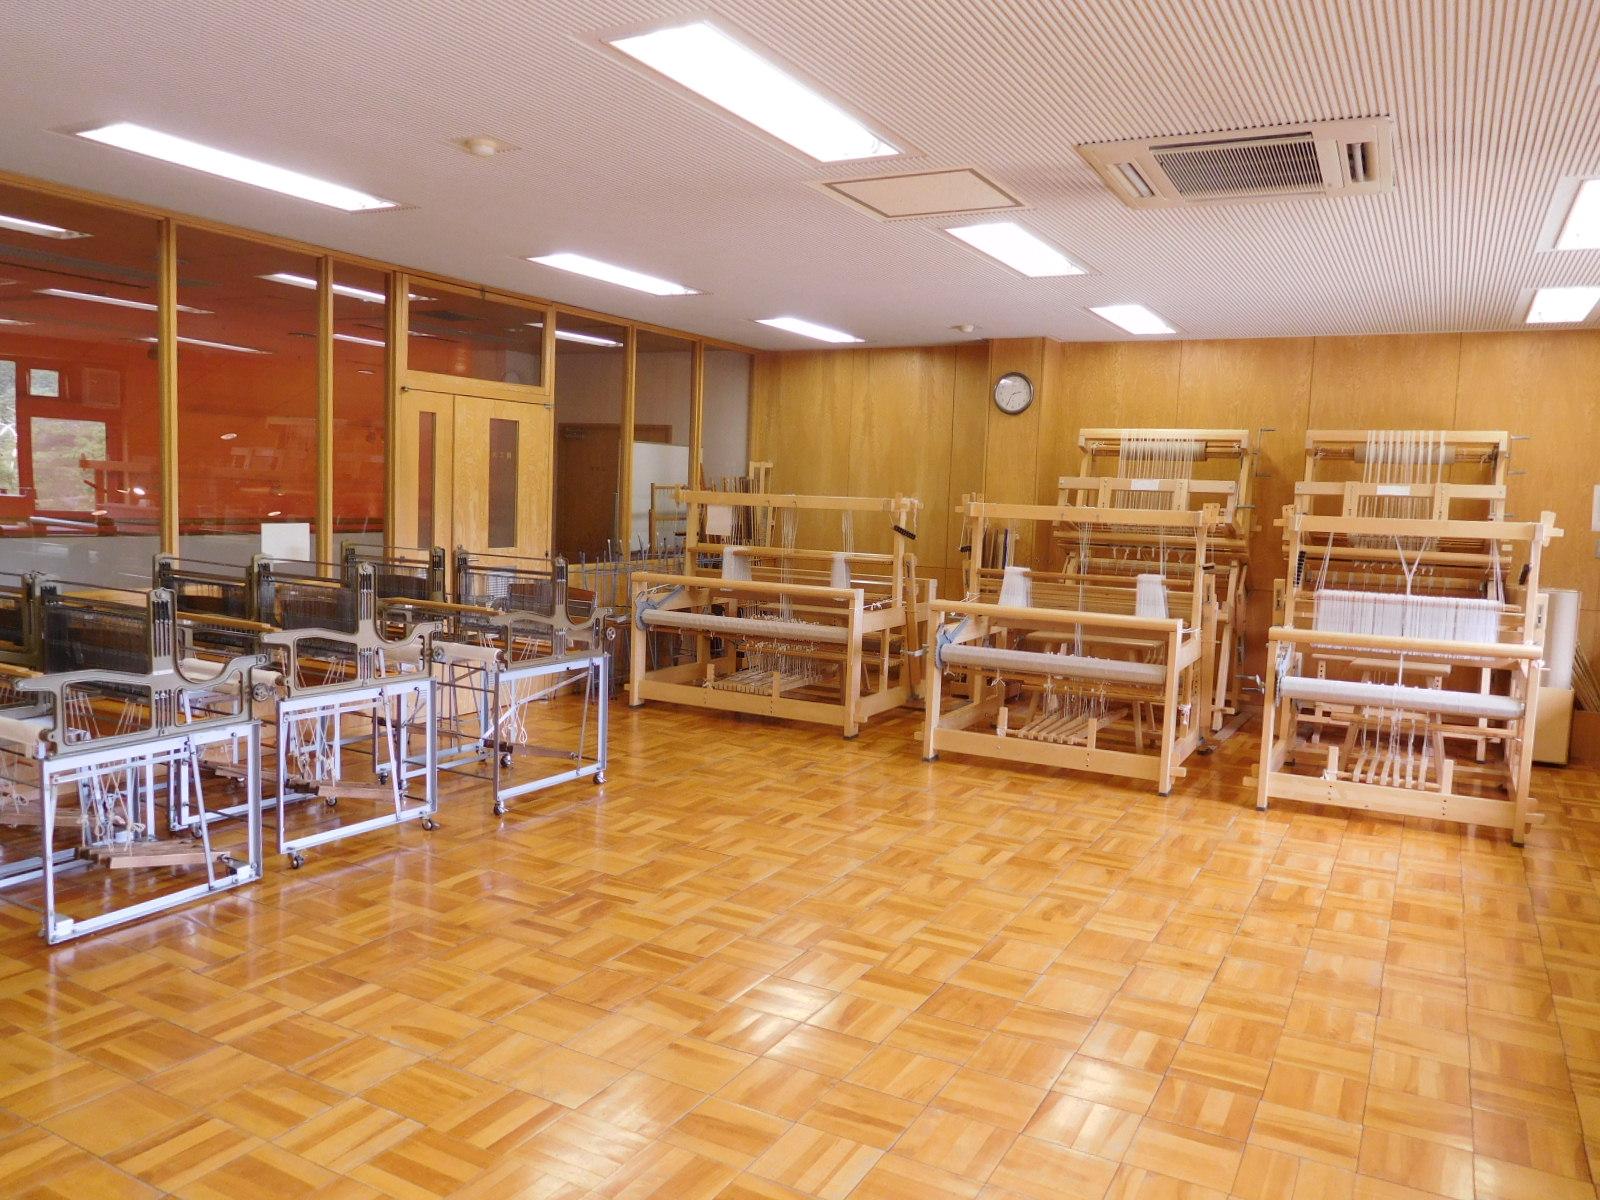 フィンランド製の大型織機、足踏み式小型織機、卓上レバー式織機などの織機がご利用いただけます。